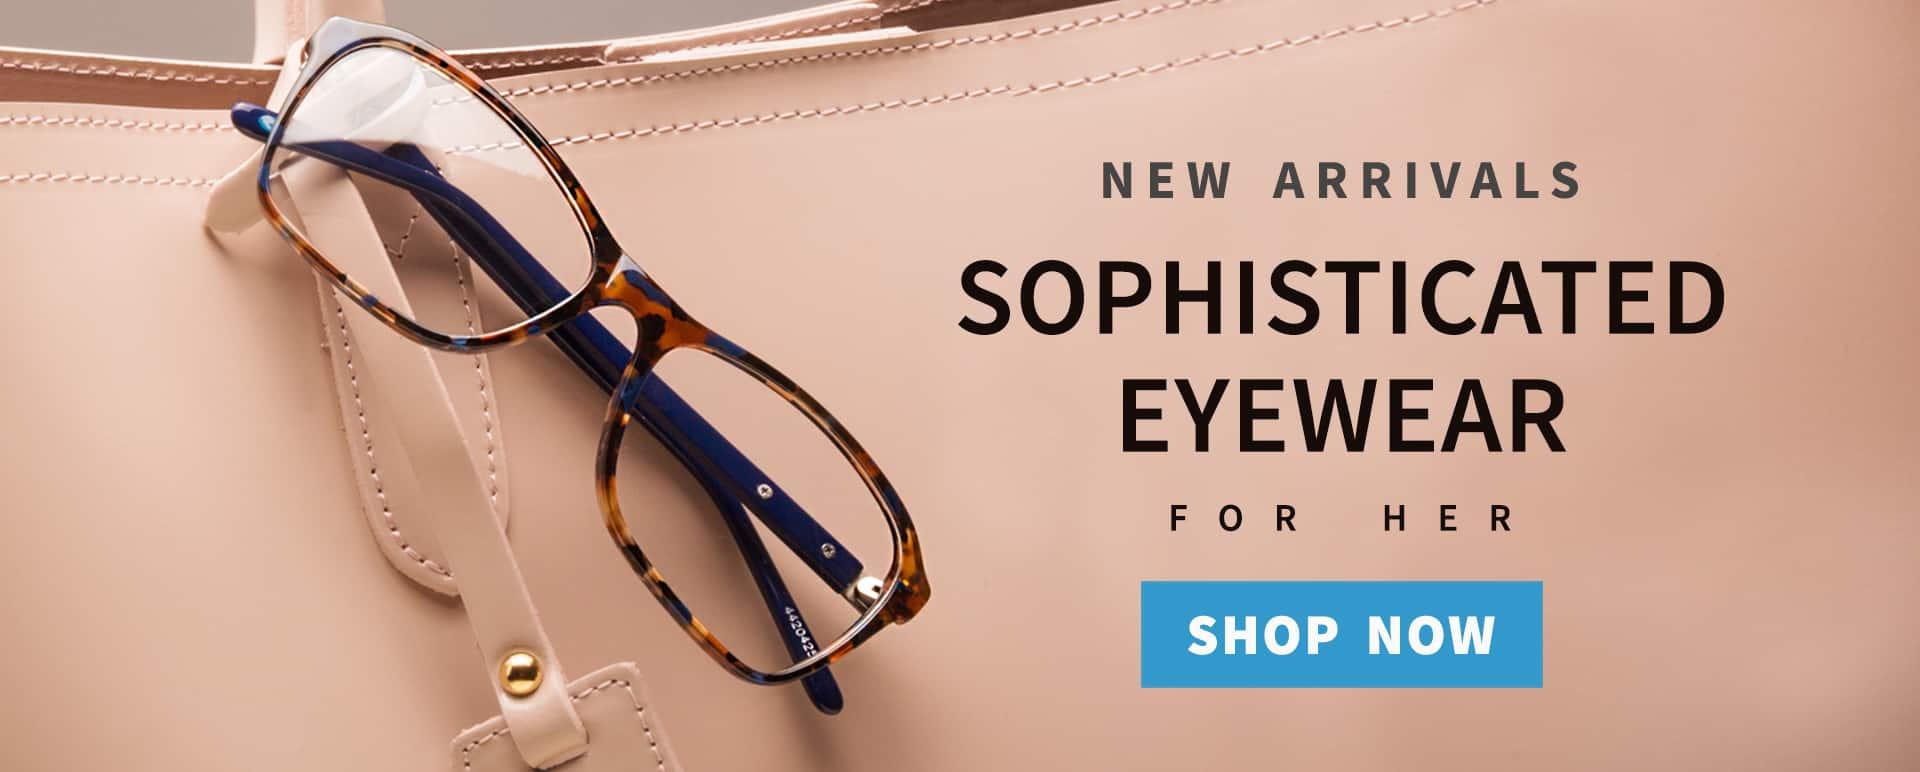 Sophisticated Eyewear| Zenni Optical